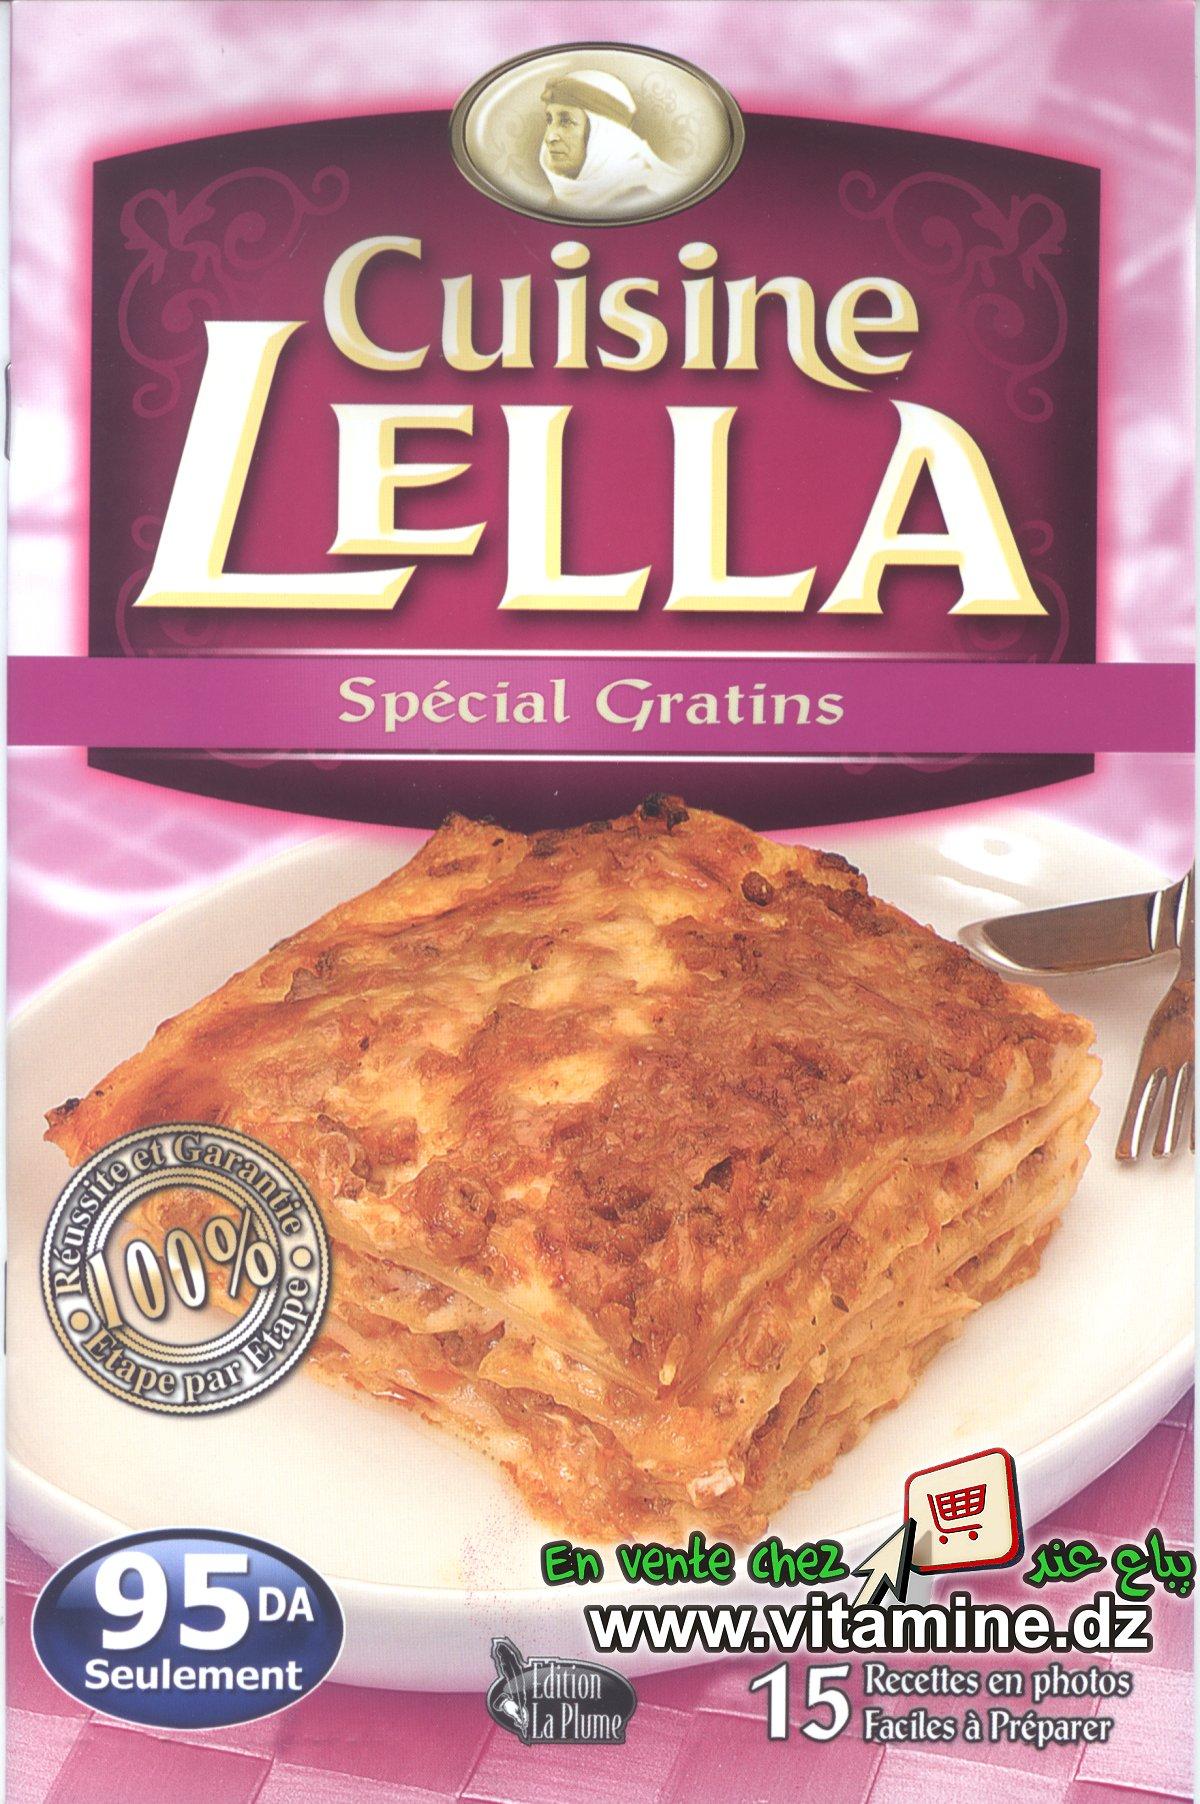 Cuisine Lella - Spécial gratins